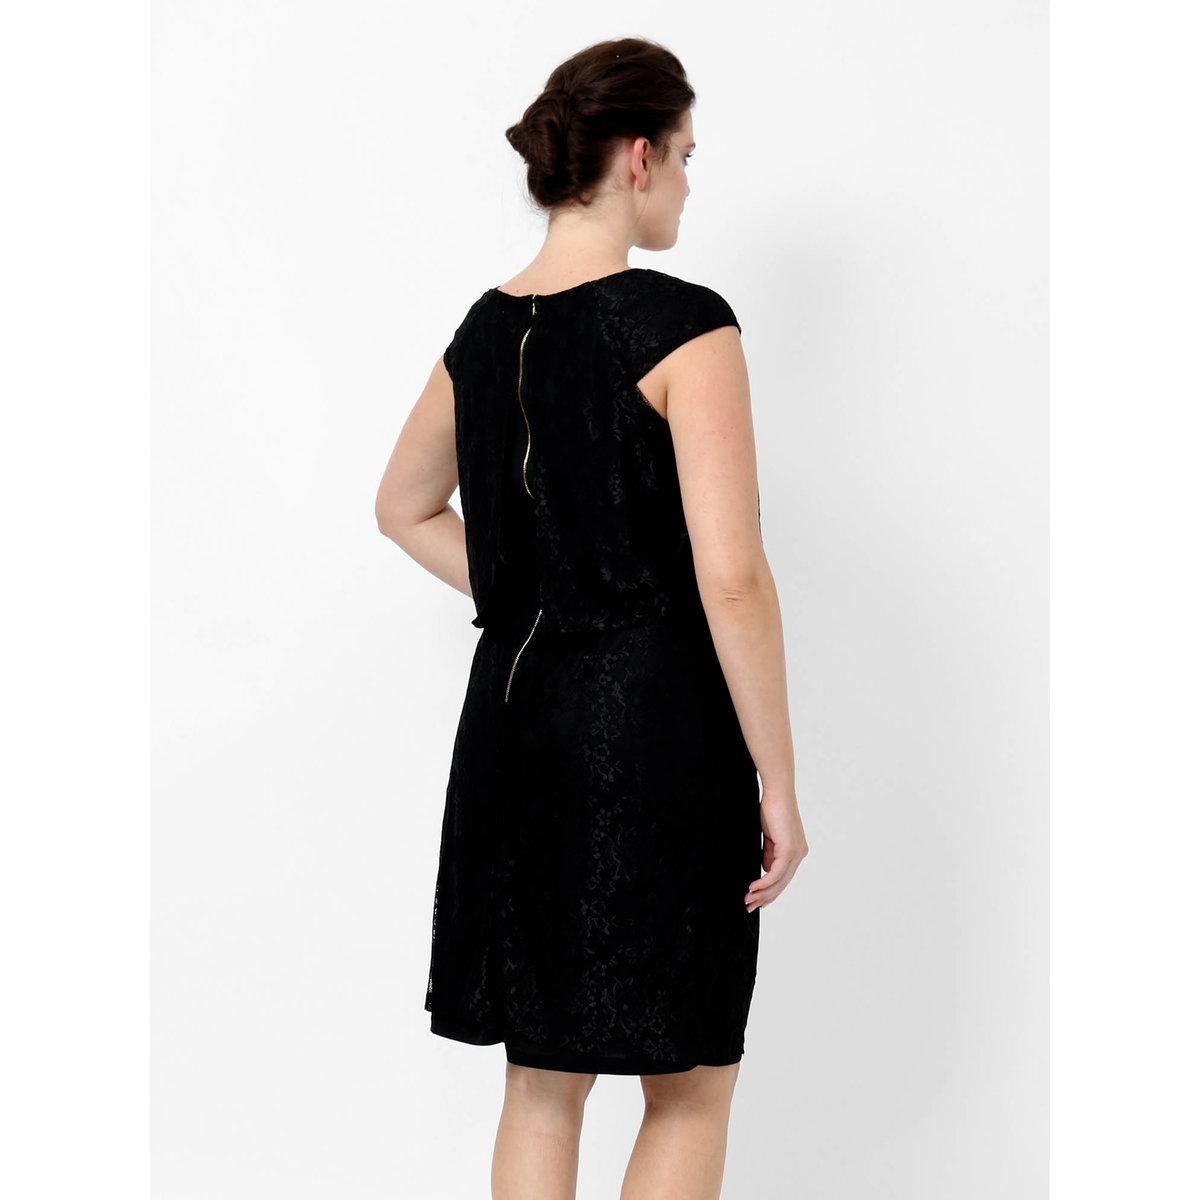 Платье длинноеПлатье без рукавов LOVEDROBE. Застежка на молнию сзади. Длина ок. 102 см.. 100% полиэстера<br><br>Цвет: черный<br>Размер: 48 (FR) - 54 (RUS)